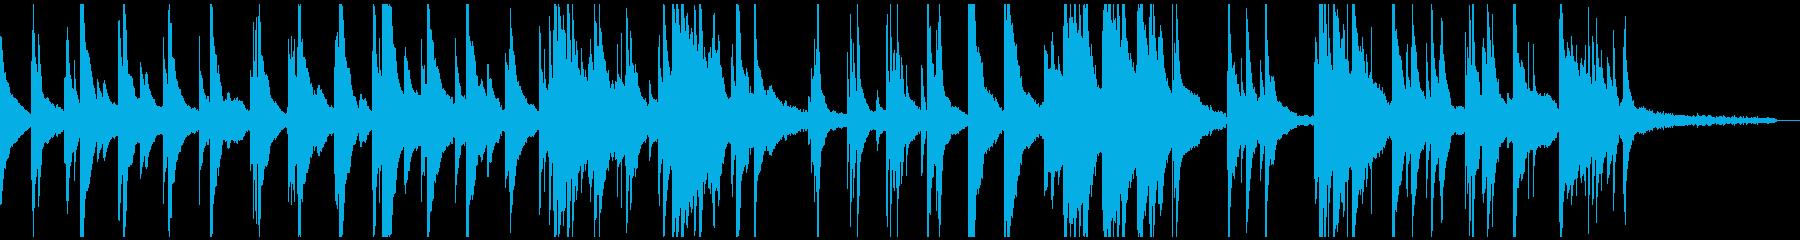 切なく感傷的なピアノソロの再生済みの波形